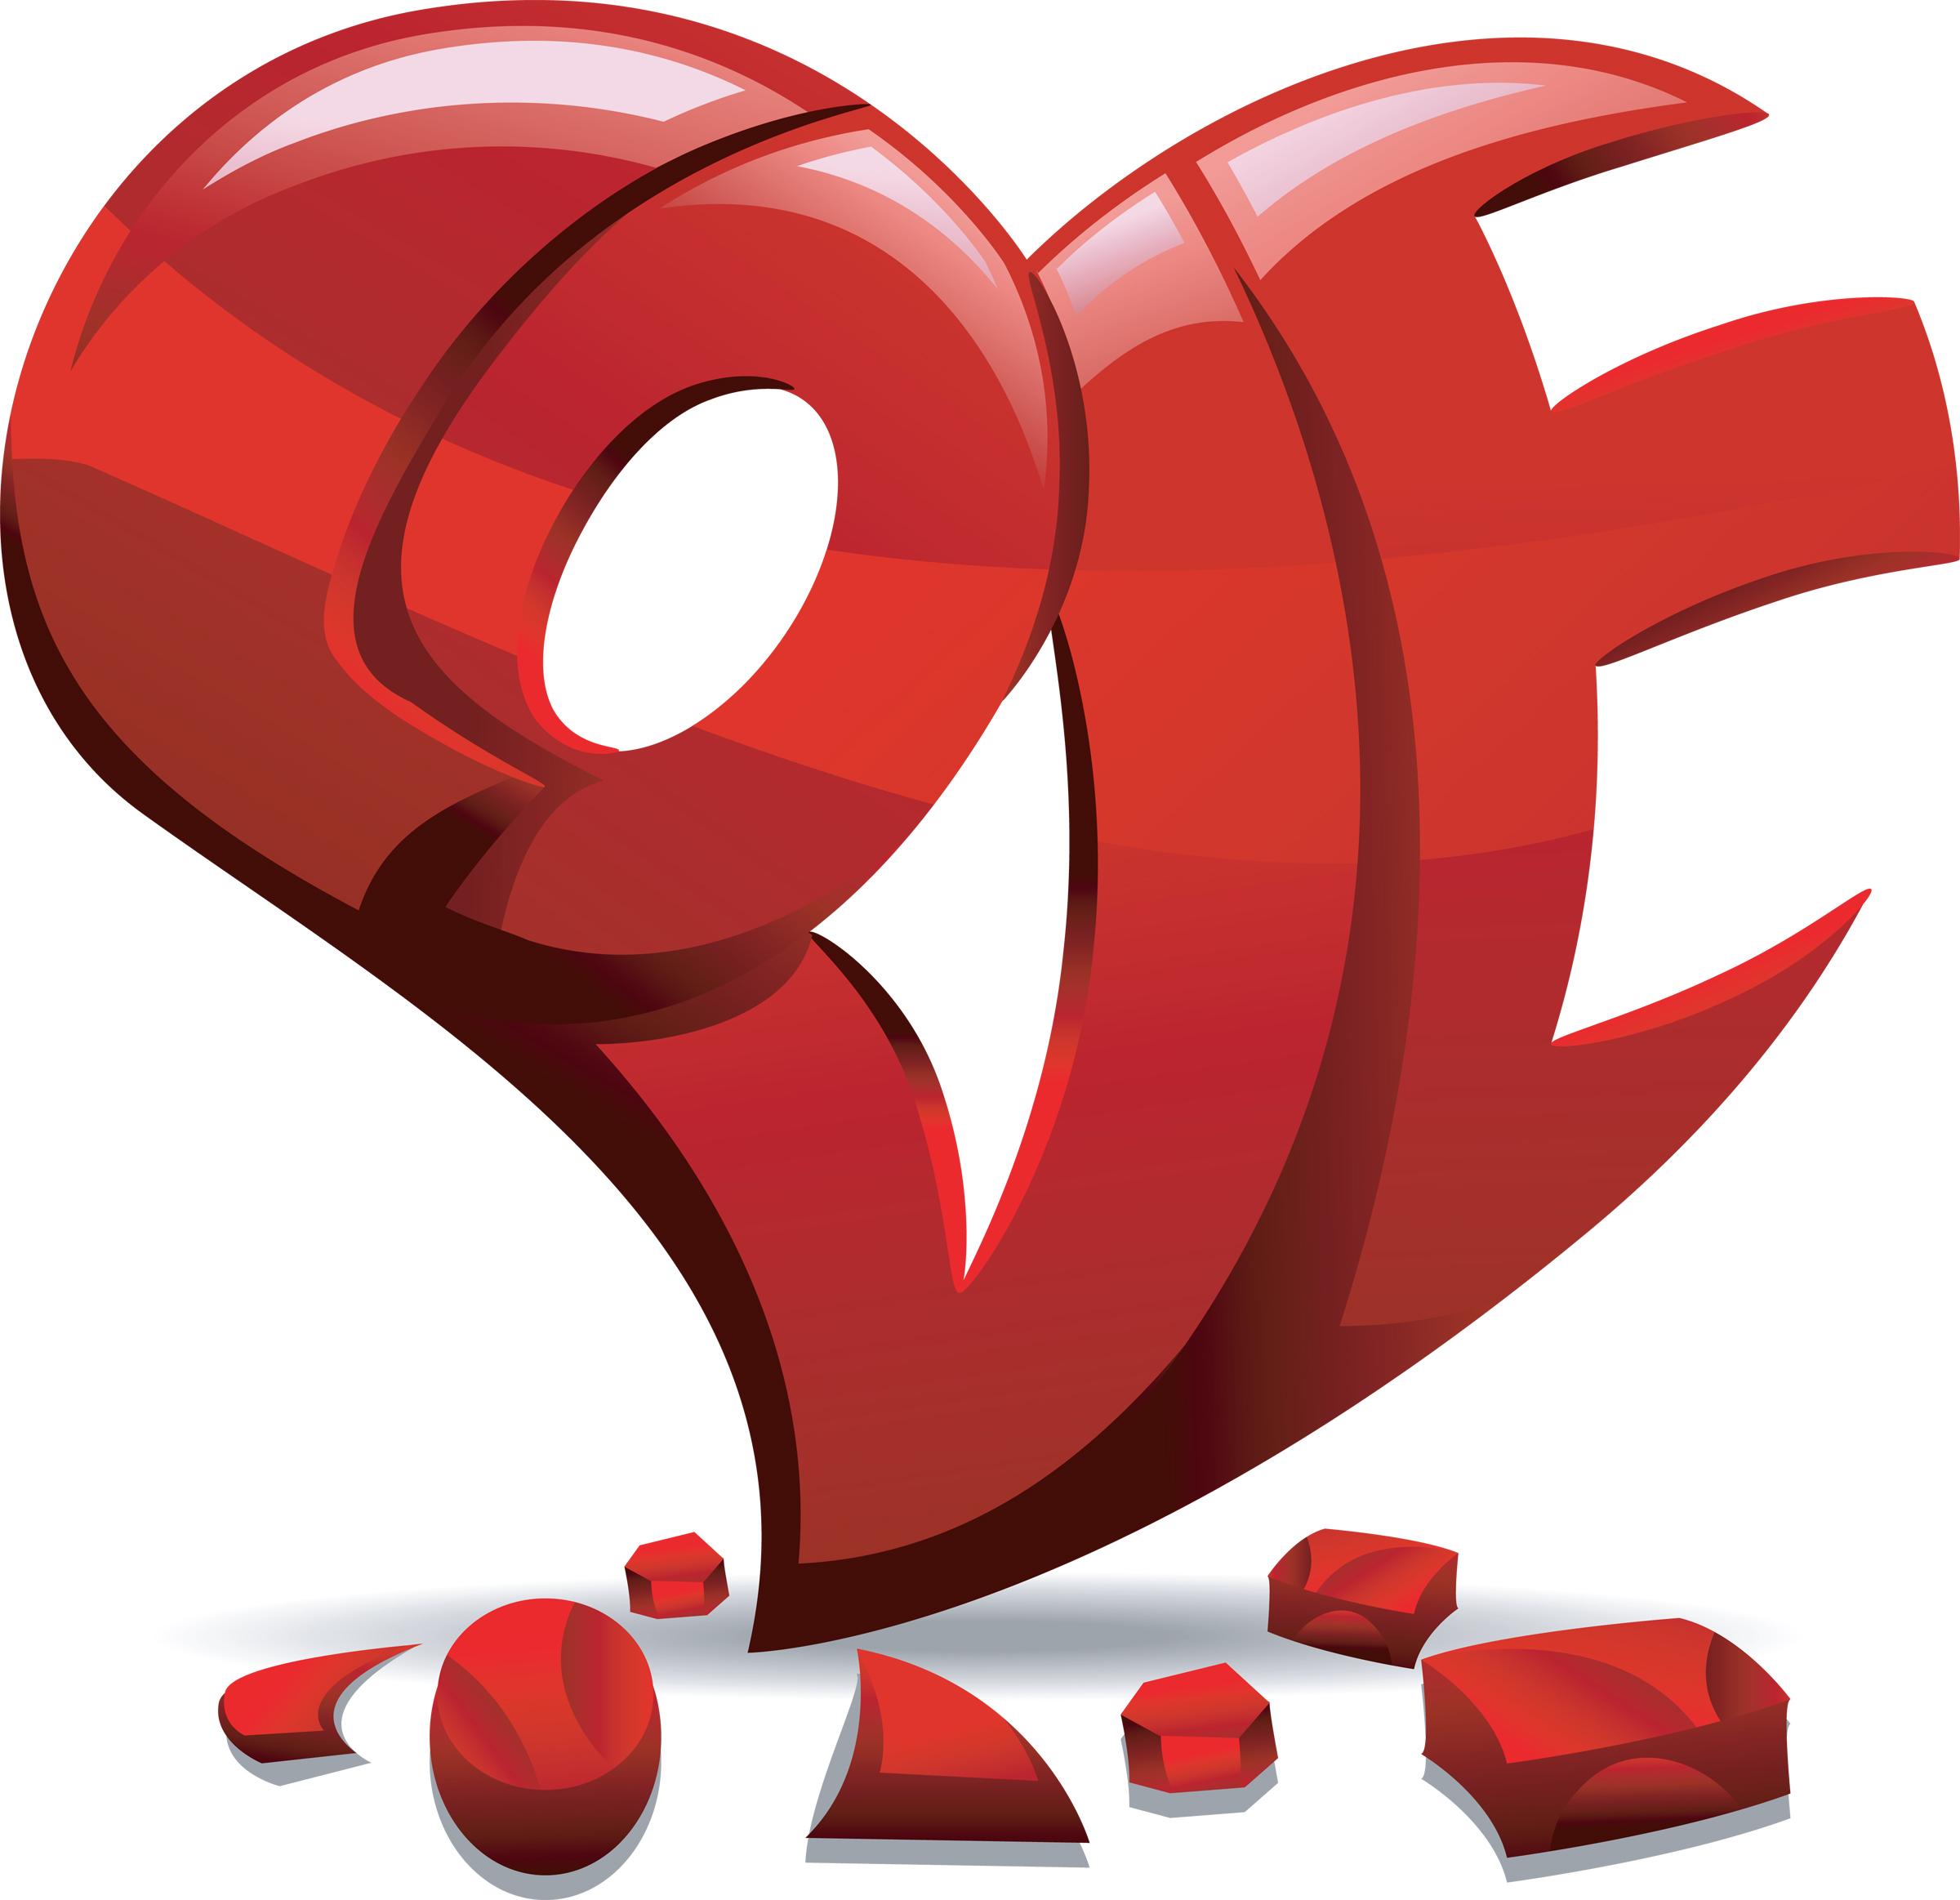 Valentines hearts | Shanna Hatfield